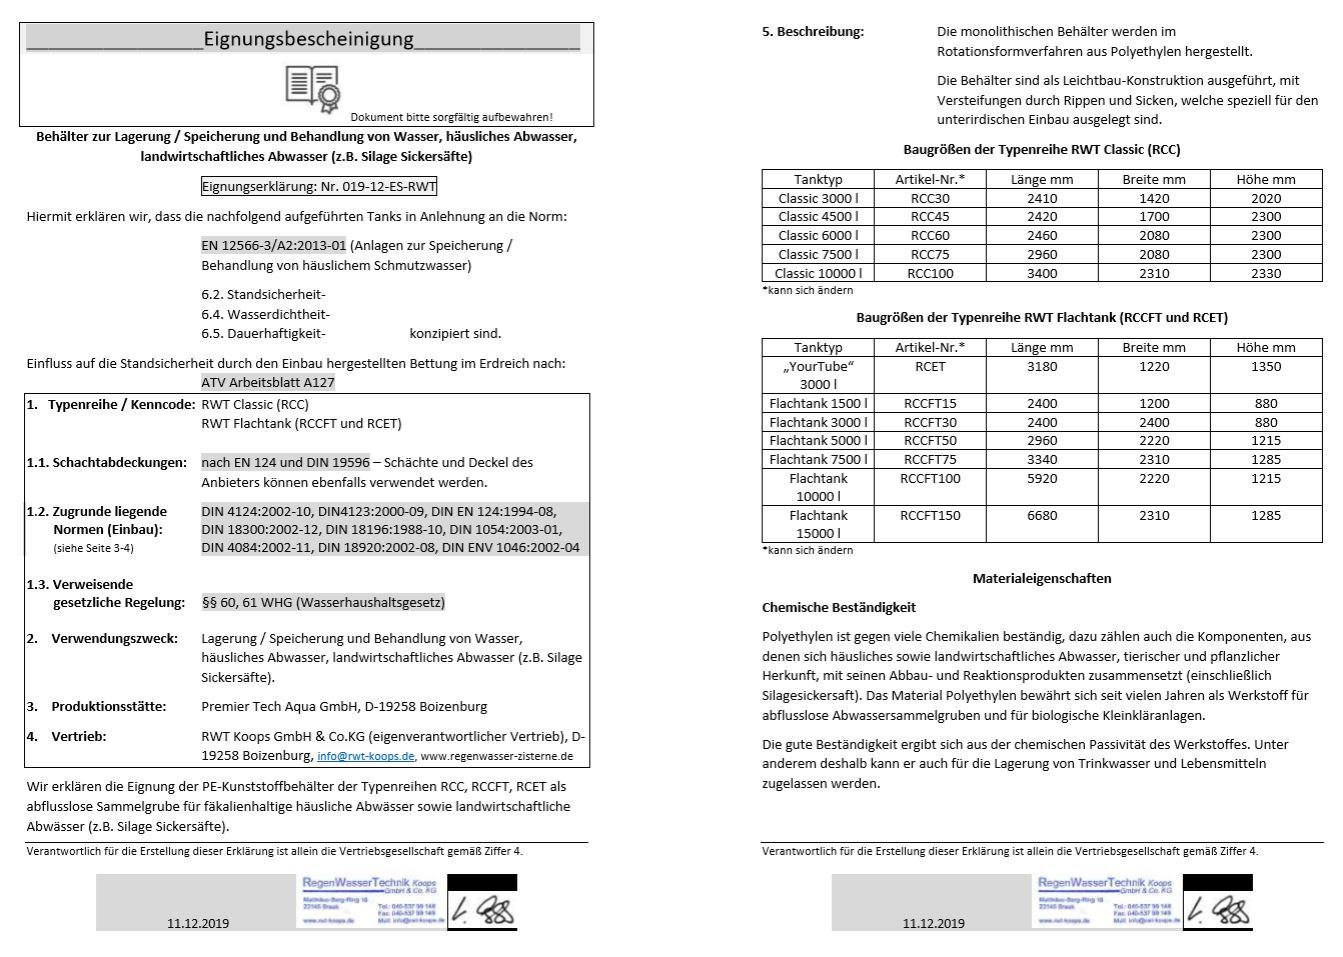 Eignunsbescheinigung-Seite-1-2